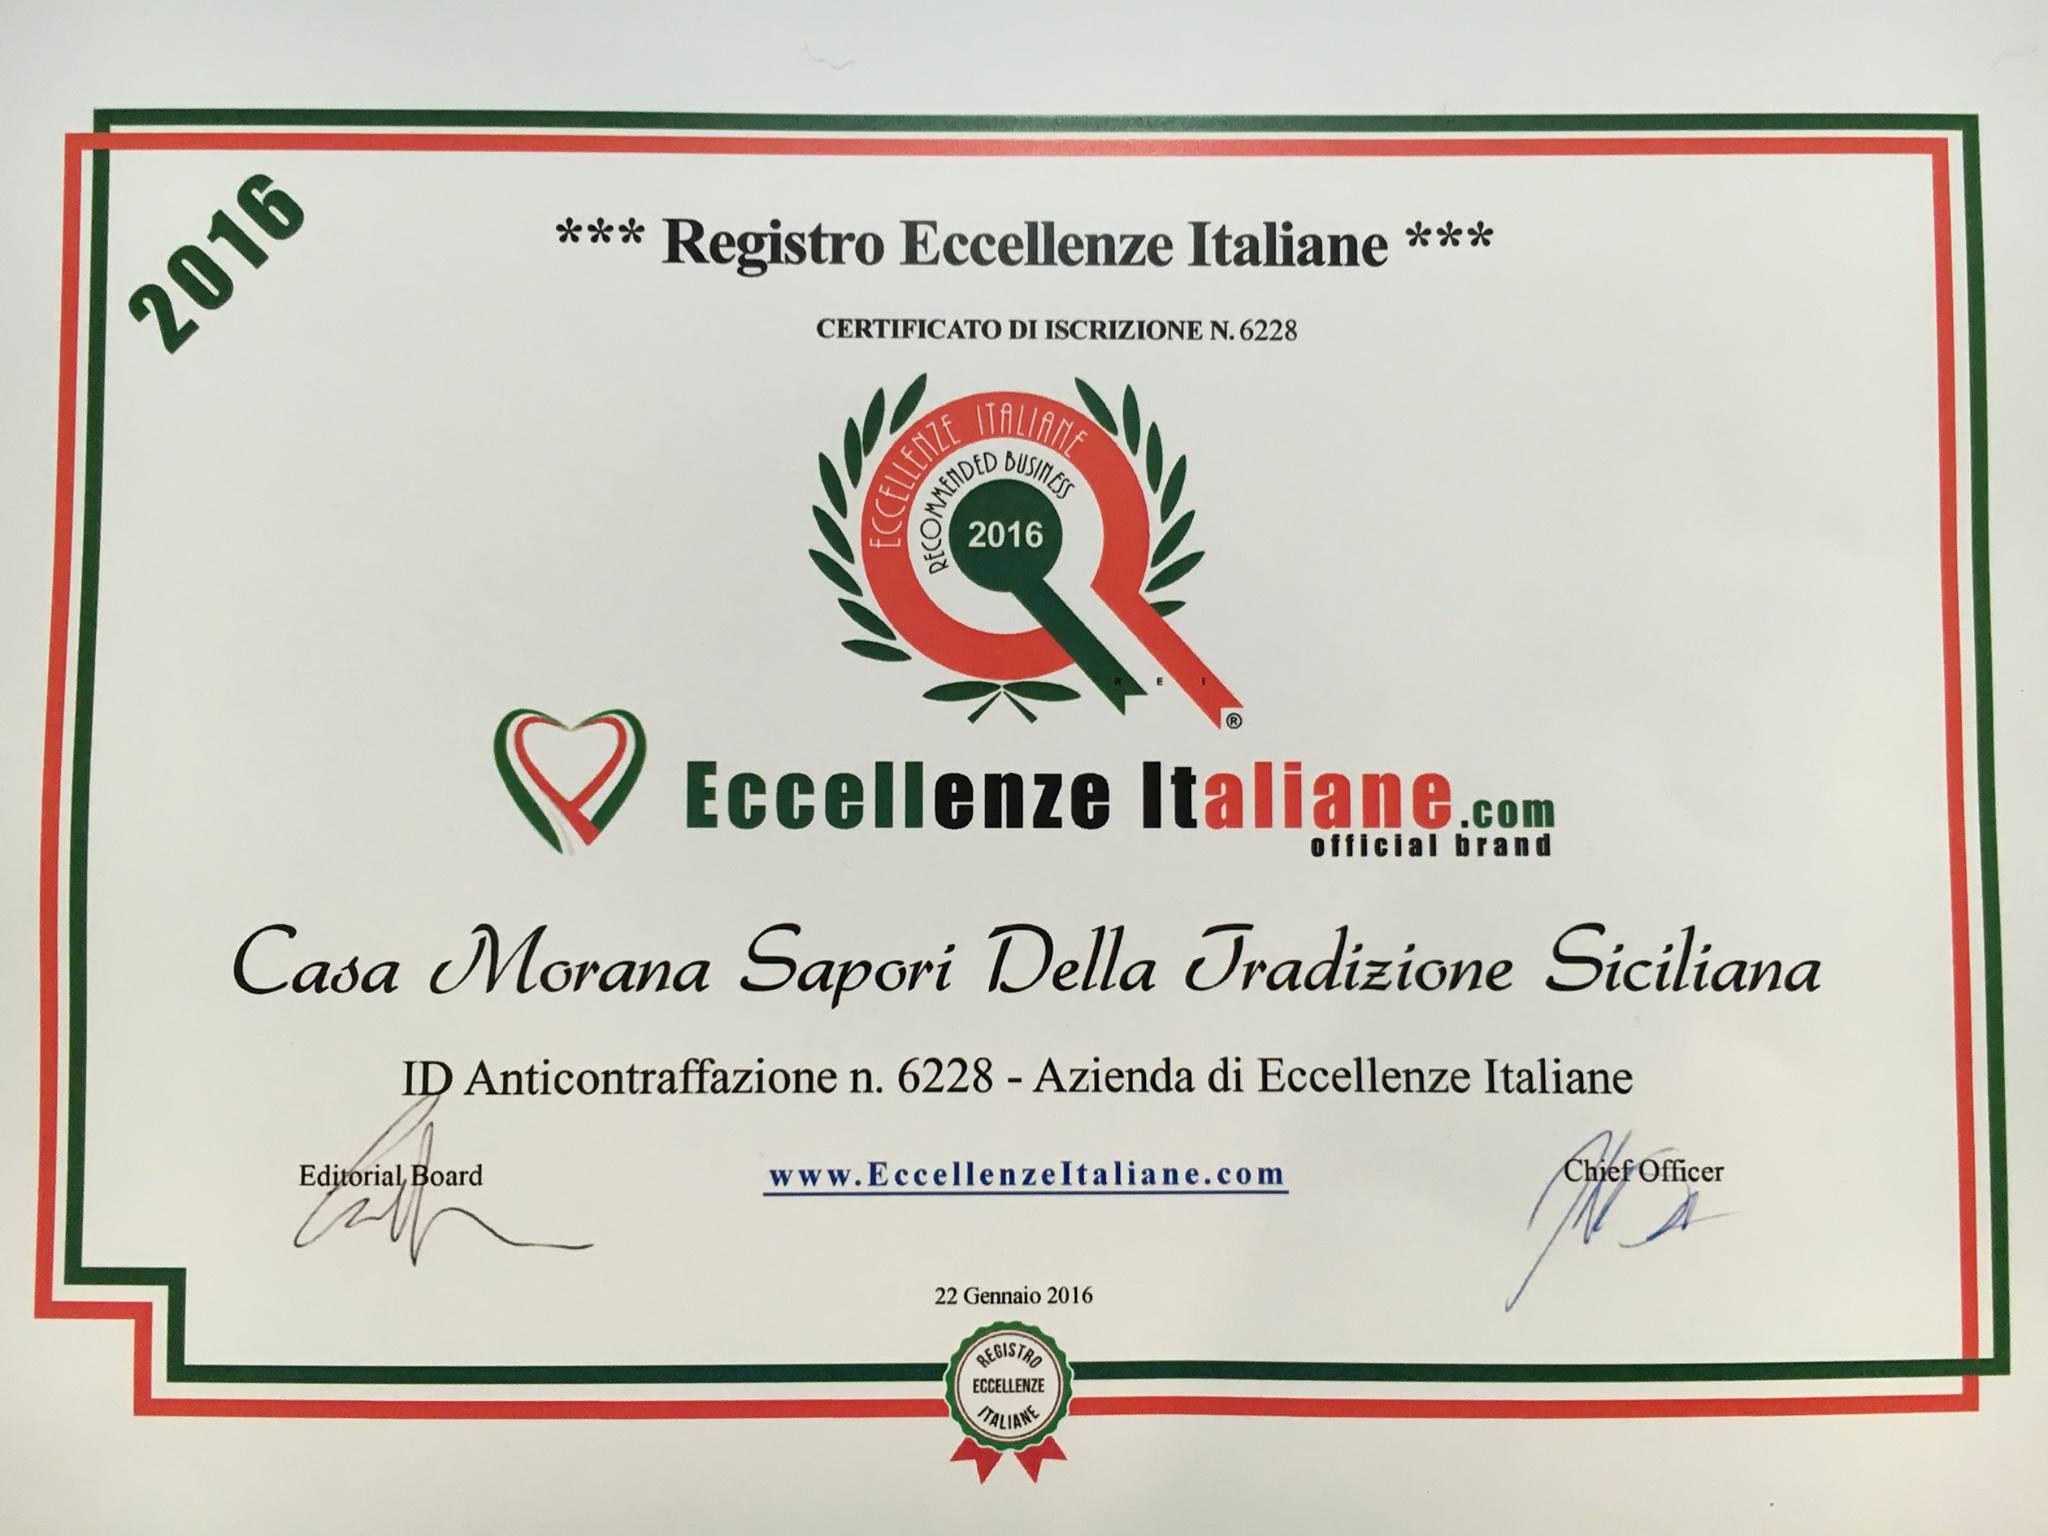 Casa MoranaEssere un punto di riferimento per qualità e genuinità in Italia, in Europa e nel Mondo.  Un'azienda innovativa che punta, attraverso l'etica e l'eccellenza, a diventare leader nella produzione conserve di pomodoro di alta qualità